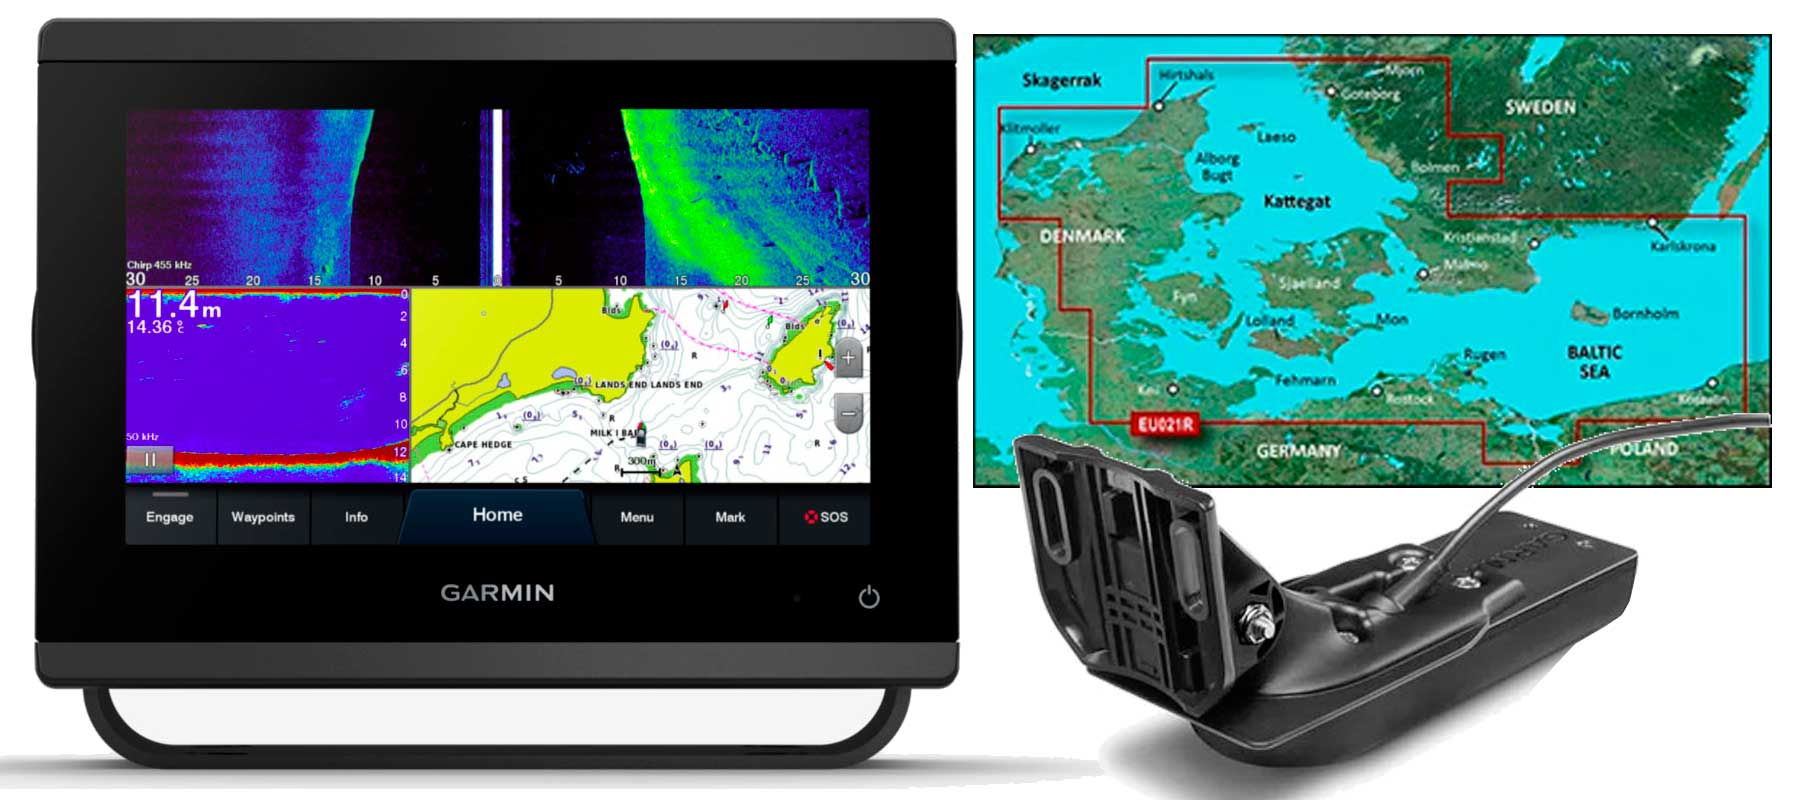 Garmin GPSmap 723xsv, GT56UHD-TM og HXEU021R